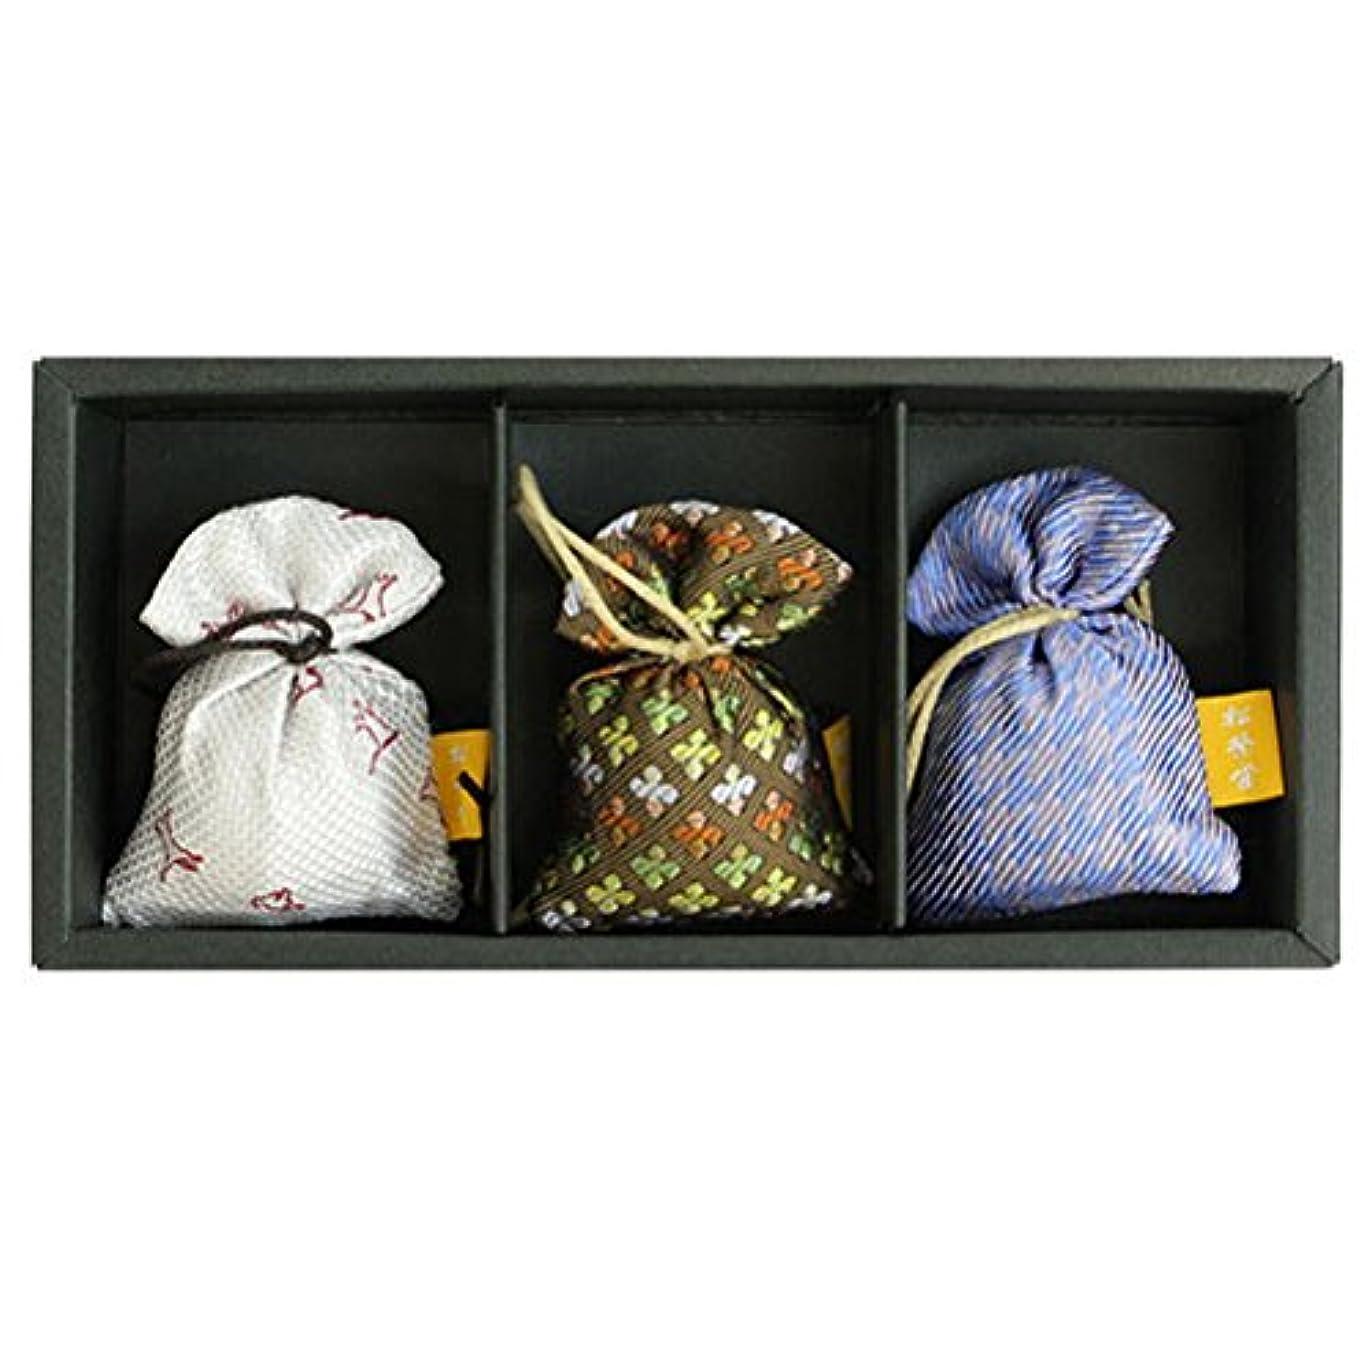 保持再撮り鮫匂い袋 誰が袖 薫 かおる 3個入 松栄堂 Shoyeido 本体長さ60mm (色?柄は選べません)